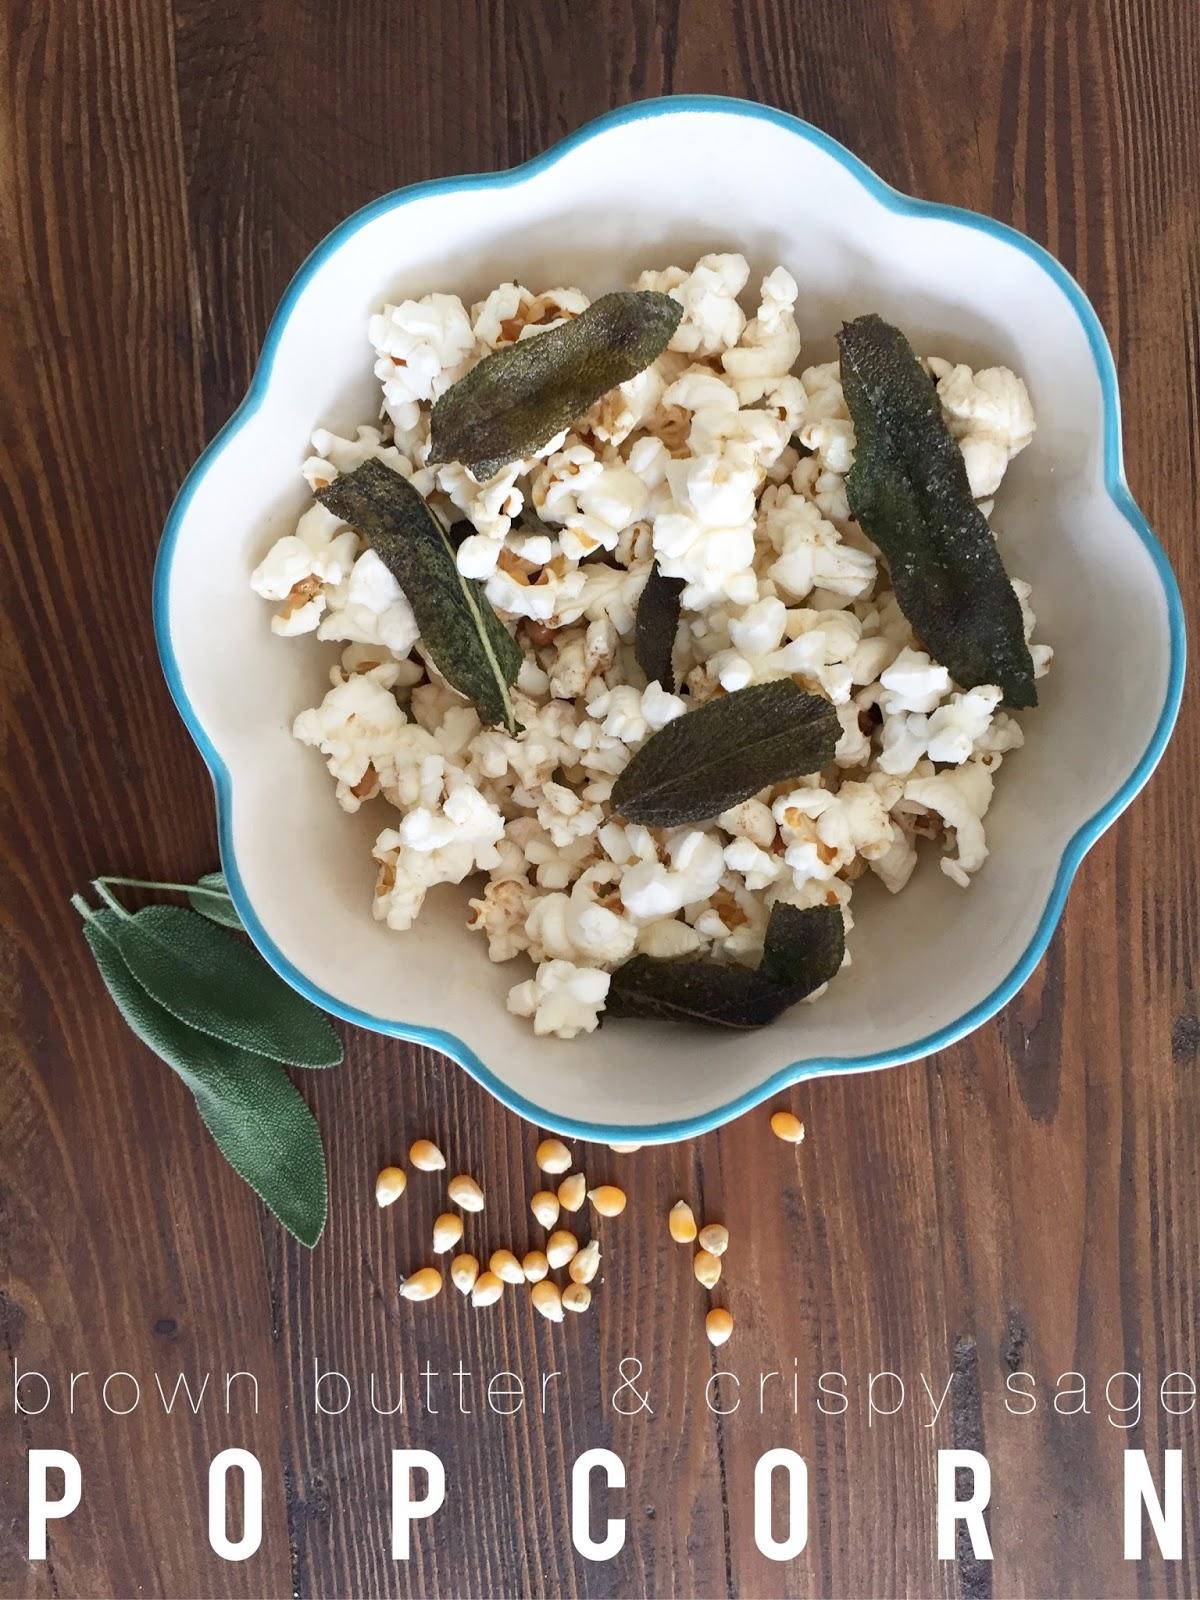 brown butter & crispy sage popcorn